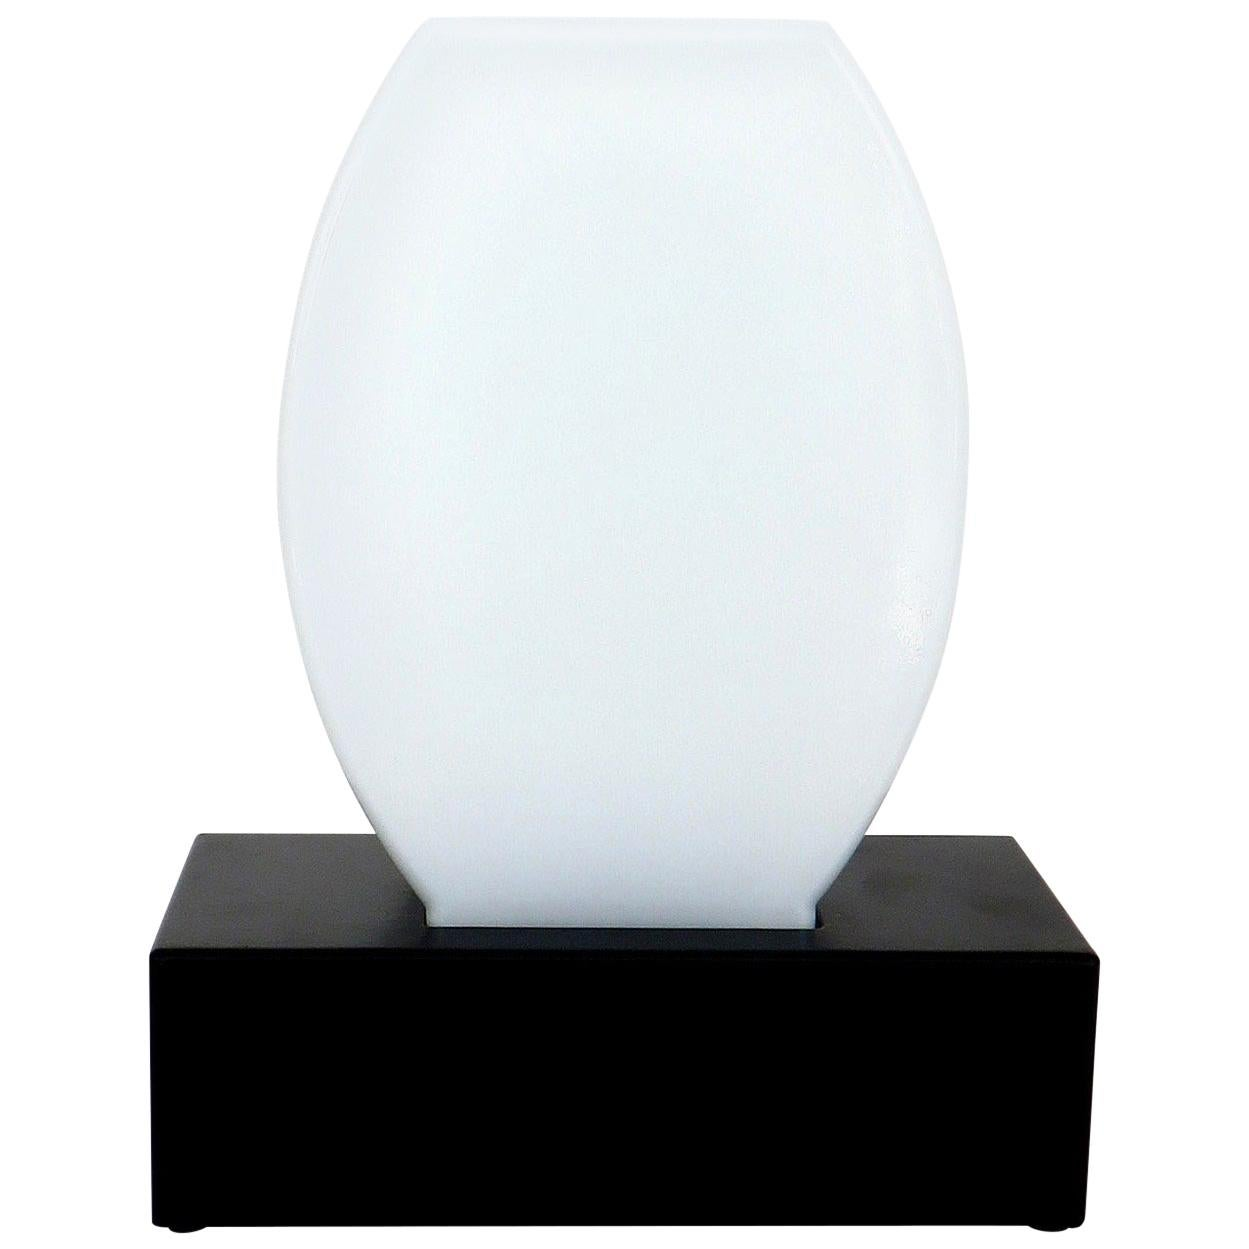 Murano Glass Table Lamp Dorane by Ettore Sottsass for Stilnovo